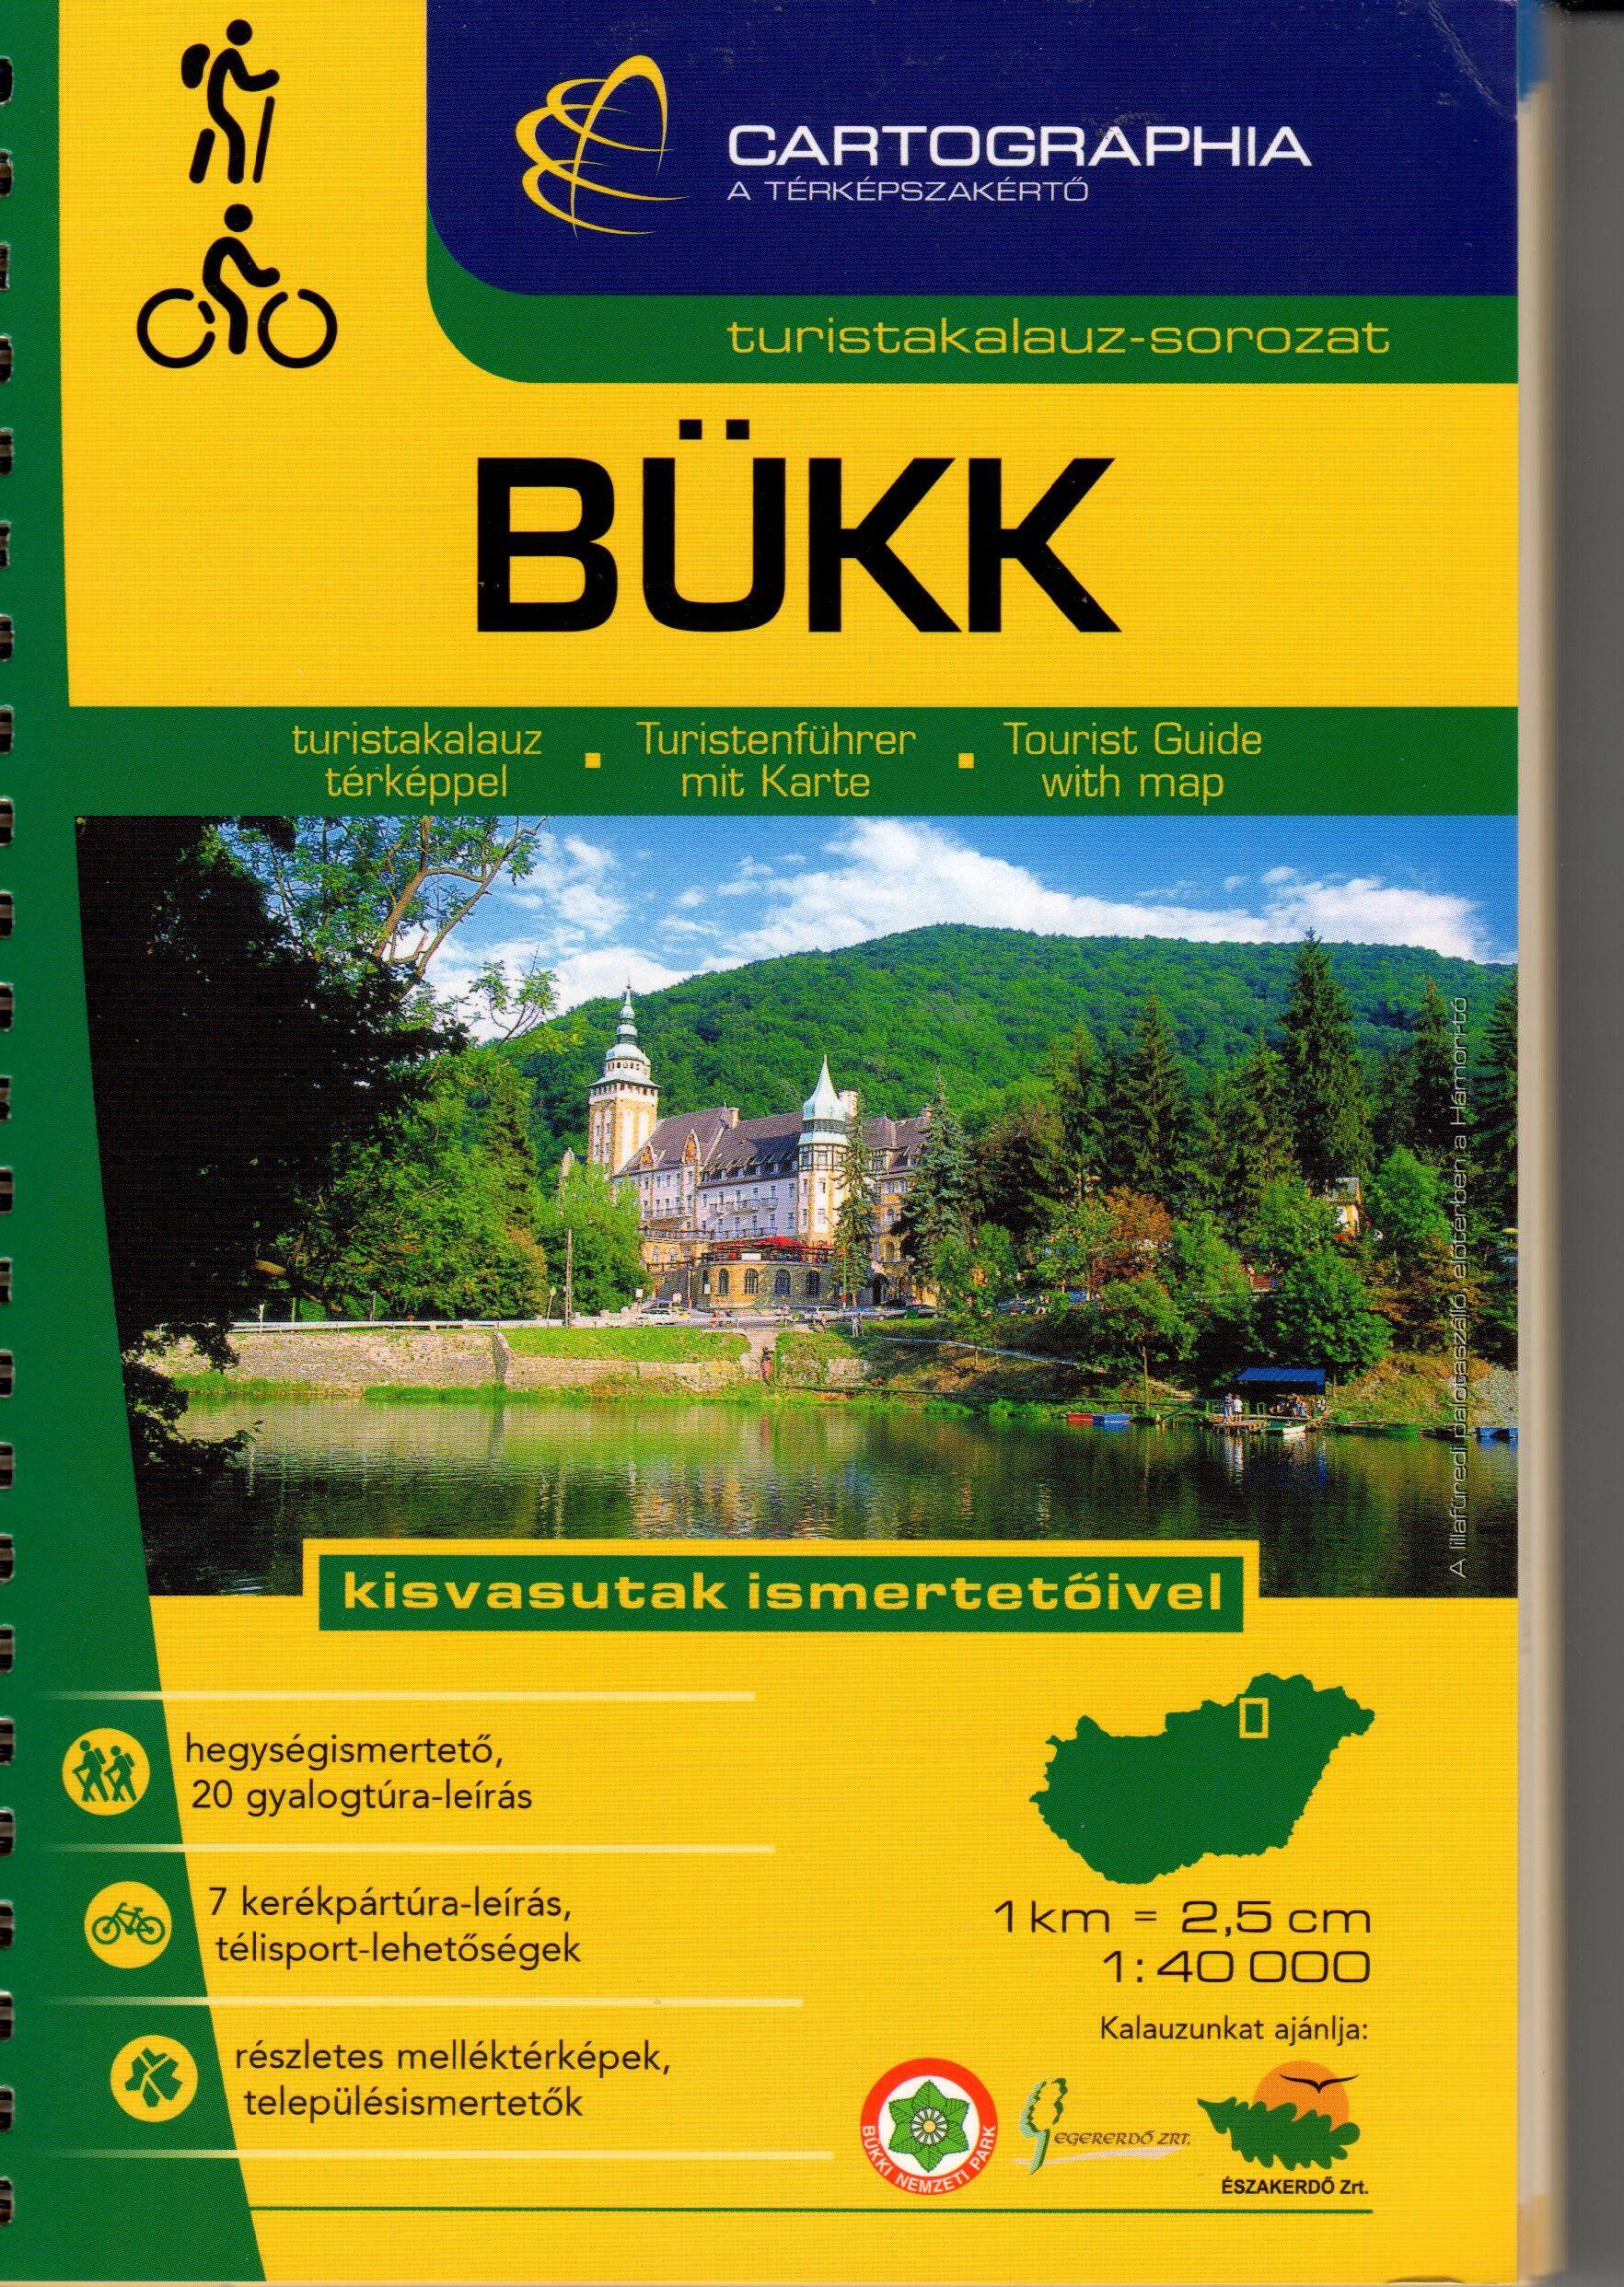 20 gyalagos túra leírás és 4 kerékpáros útvonal ajánlat,. a kisvasutak ismertetőivel. Bogács, Cserépfalu, Eger, Lillafüred és Szilvásvárad részletes térképével